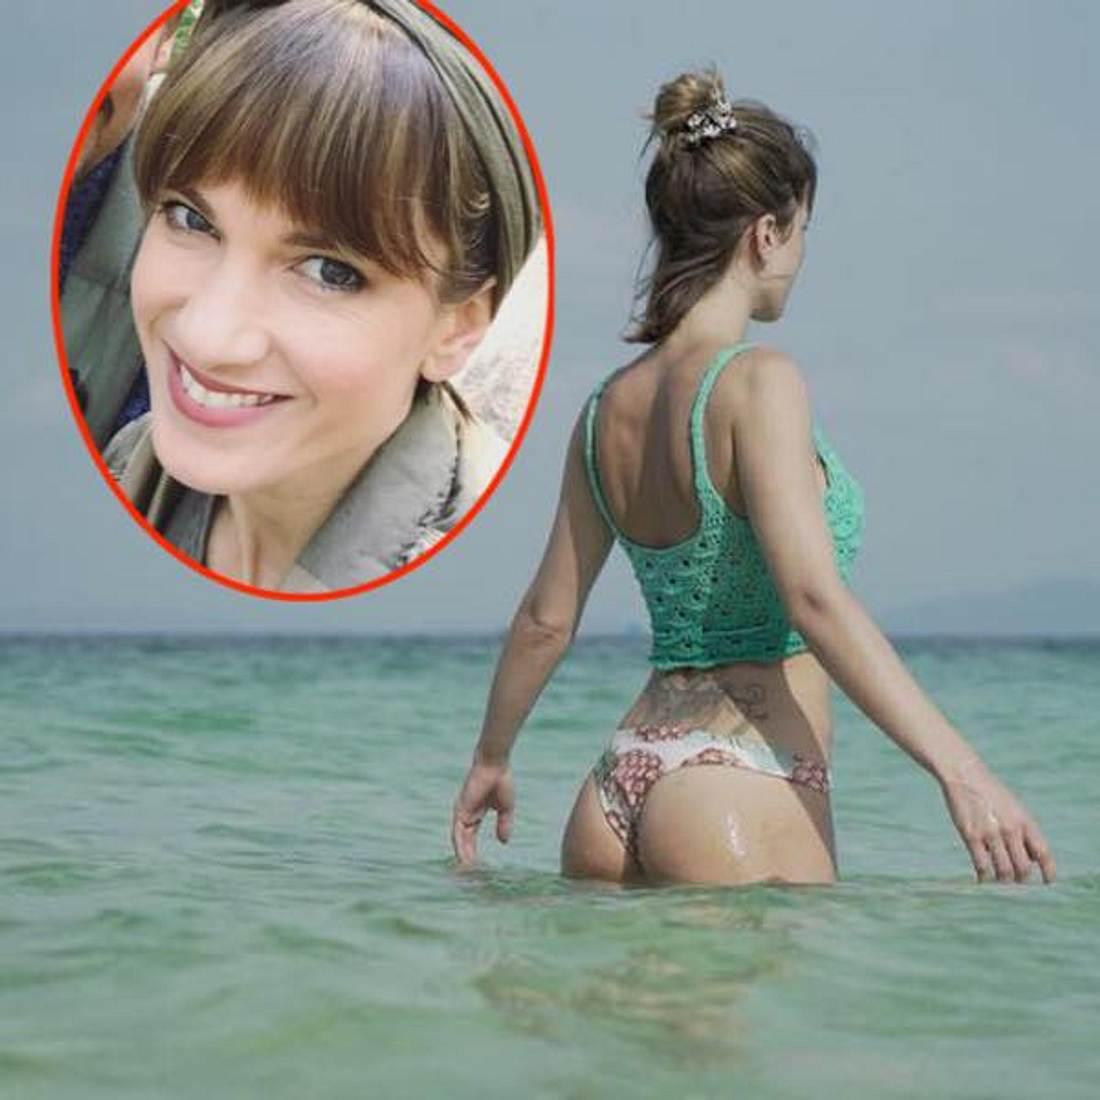 Sonnige Aussichten! Isabell Horn begeistert die Fans im Bikini